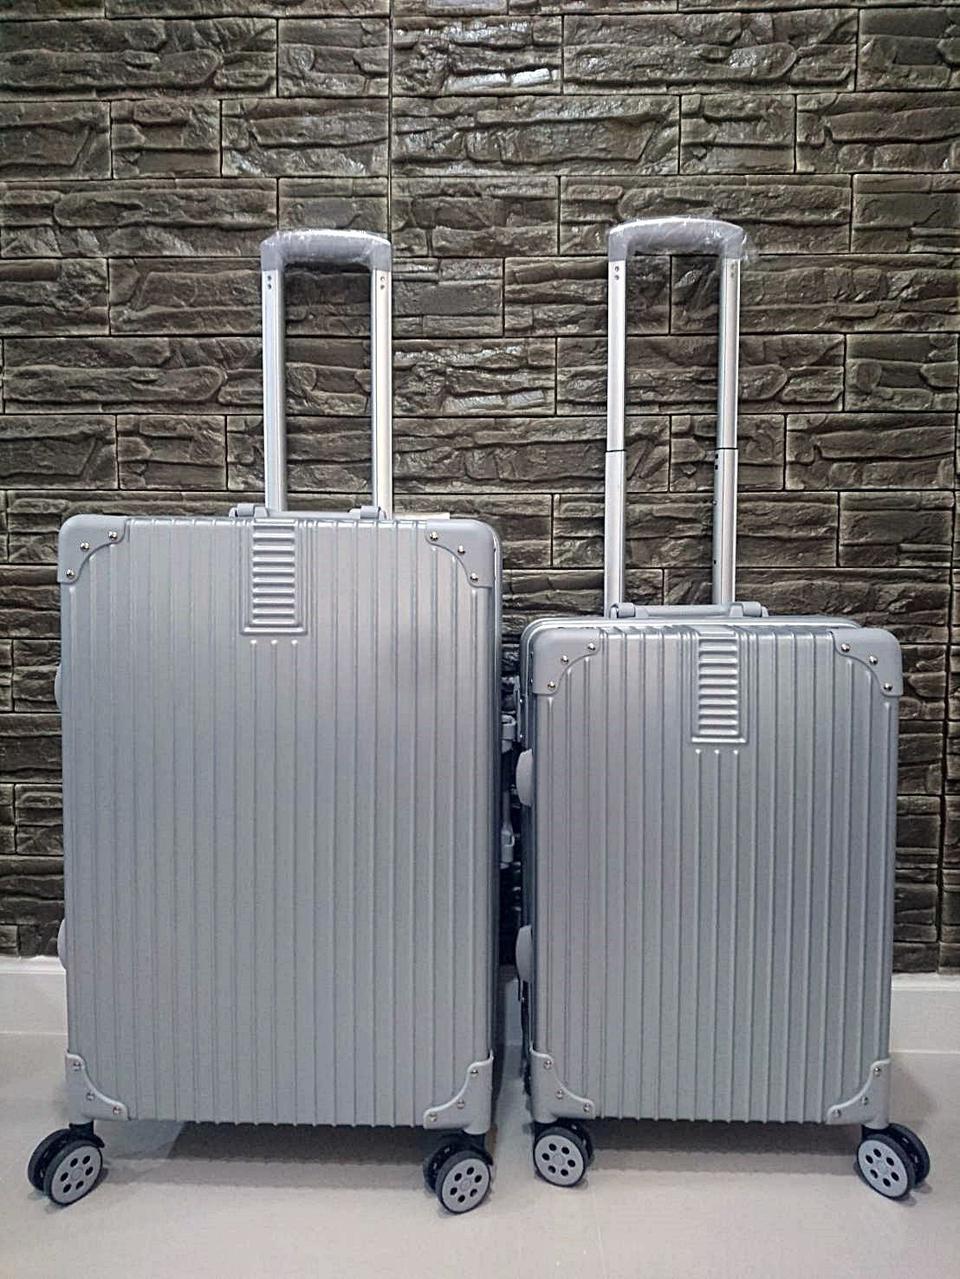 กระเป๋าเดินทาง ขอบอลูมิเนียม รุ่น คัลเลอร์ฟูล รูปที่ 5